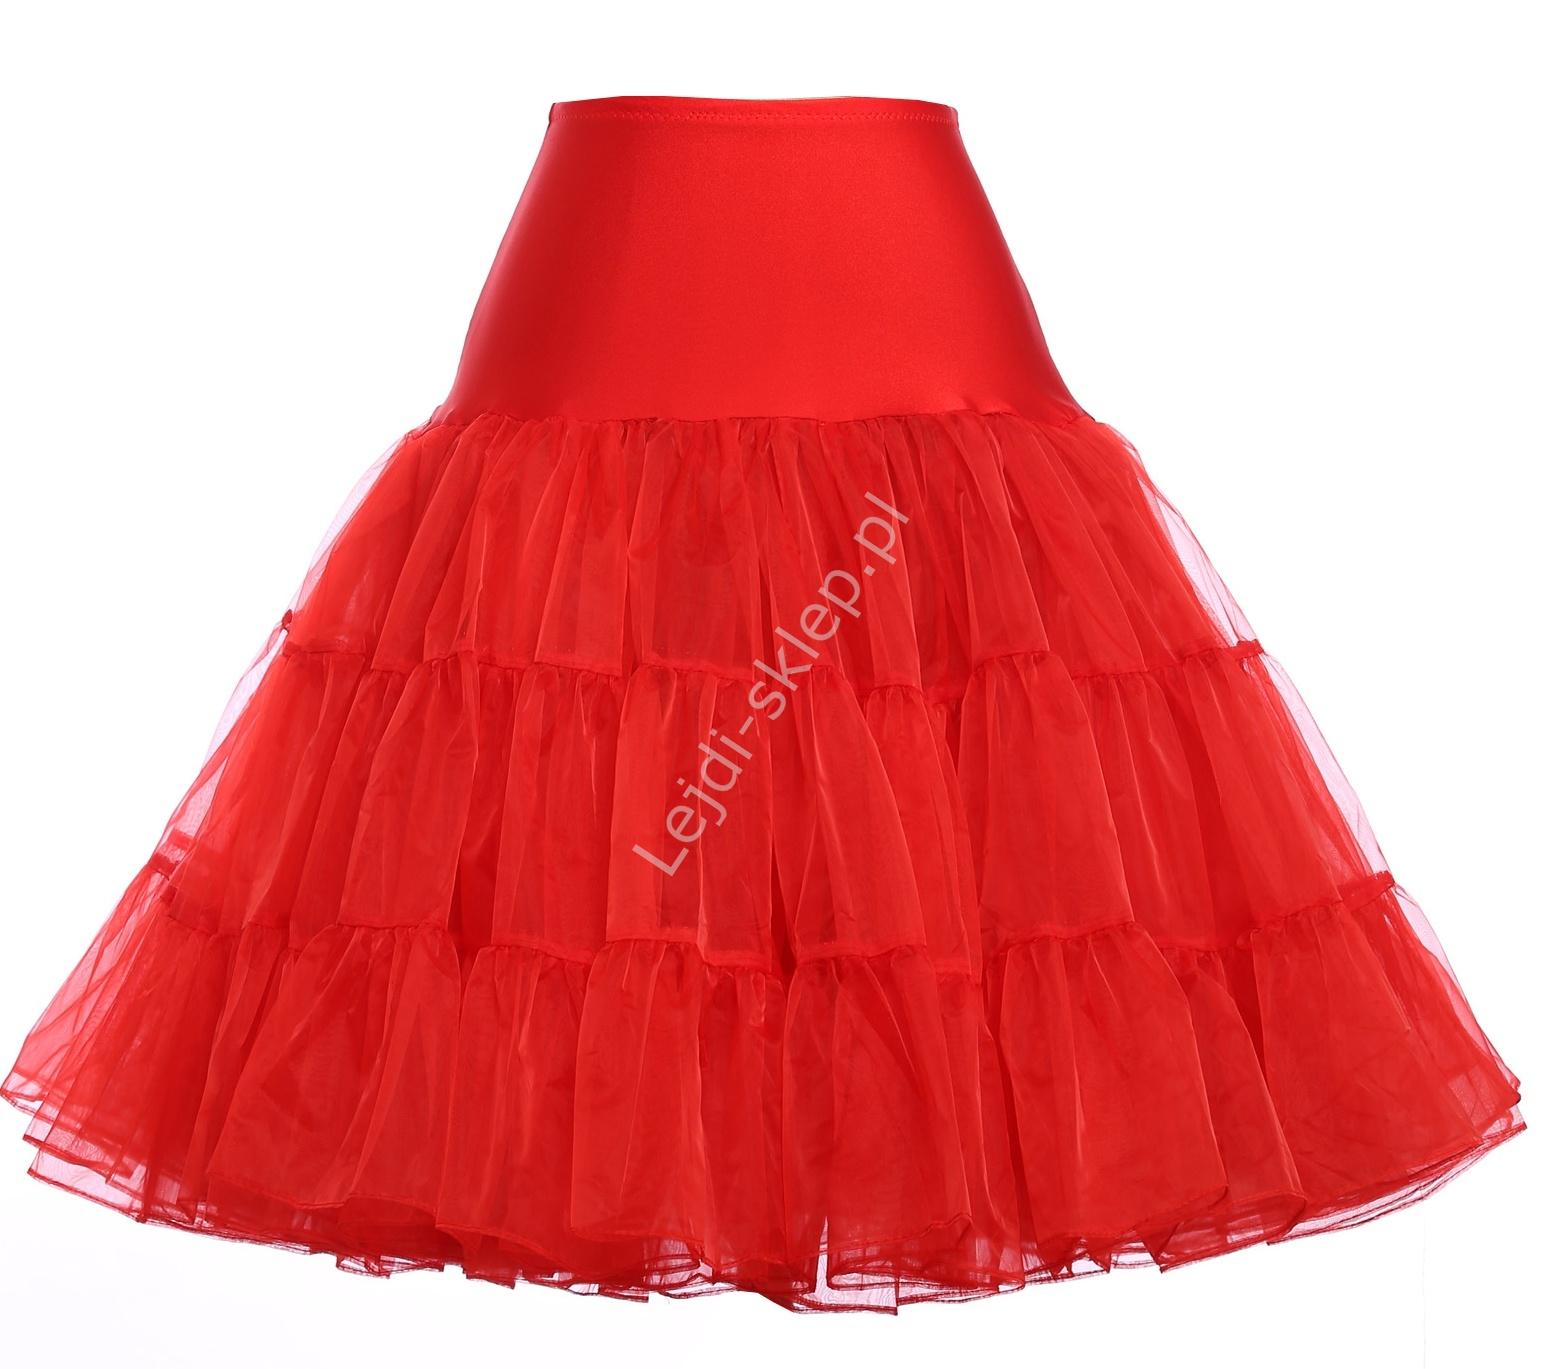 Czerwona spódnica Pin-Up, czerwona halka pod sukienkę | czerwone halki do sukienek pin-up - Lejdi